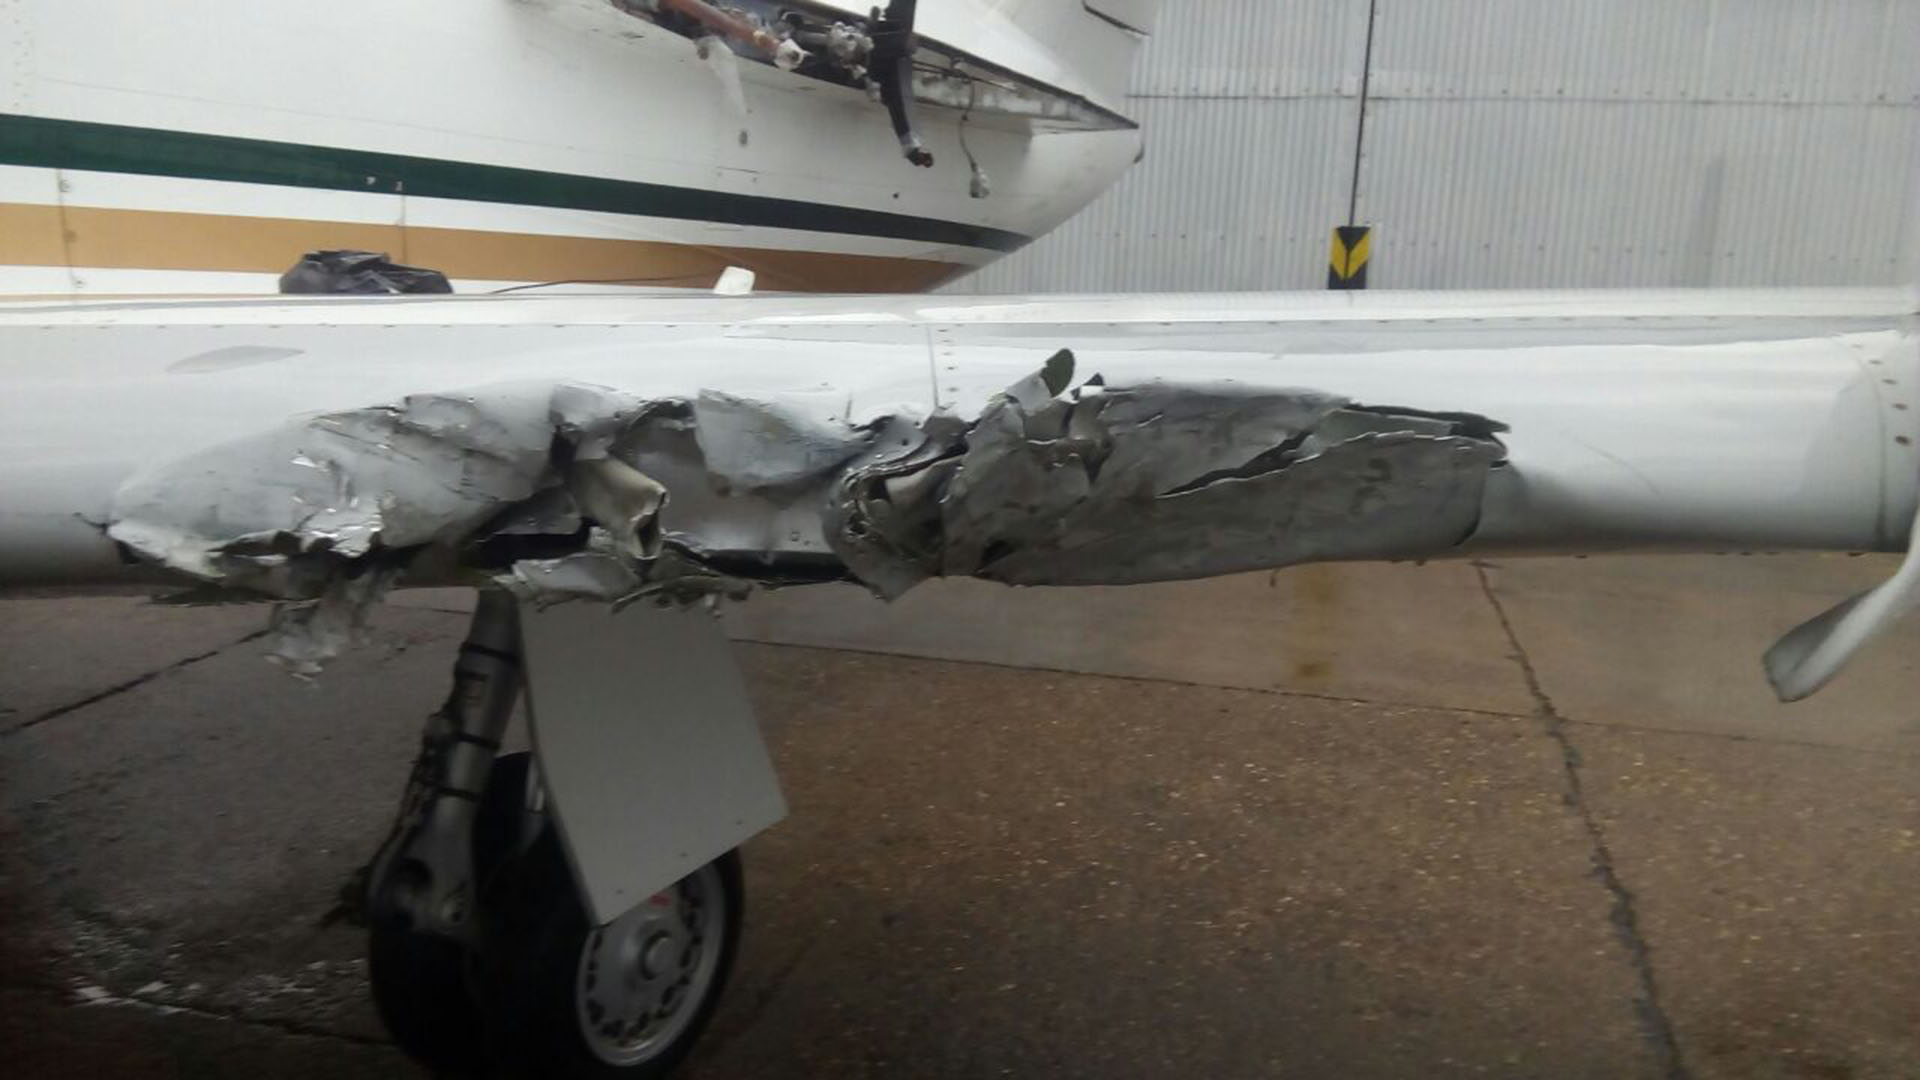 Los aviones dañados en el aeropuerto de El Palomar